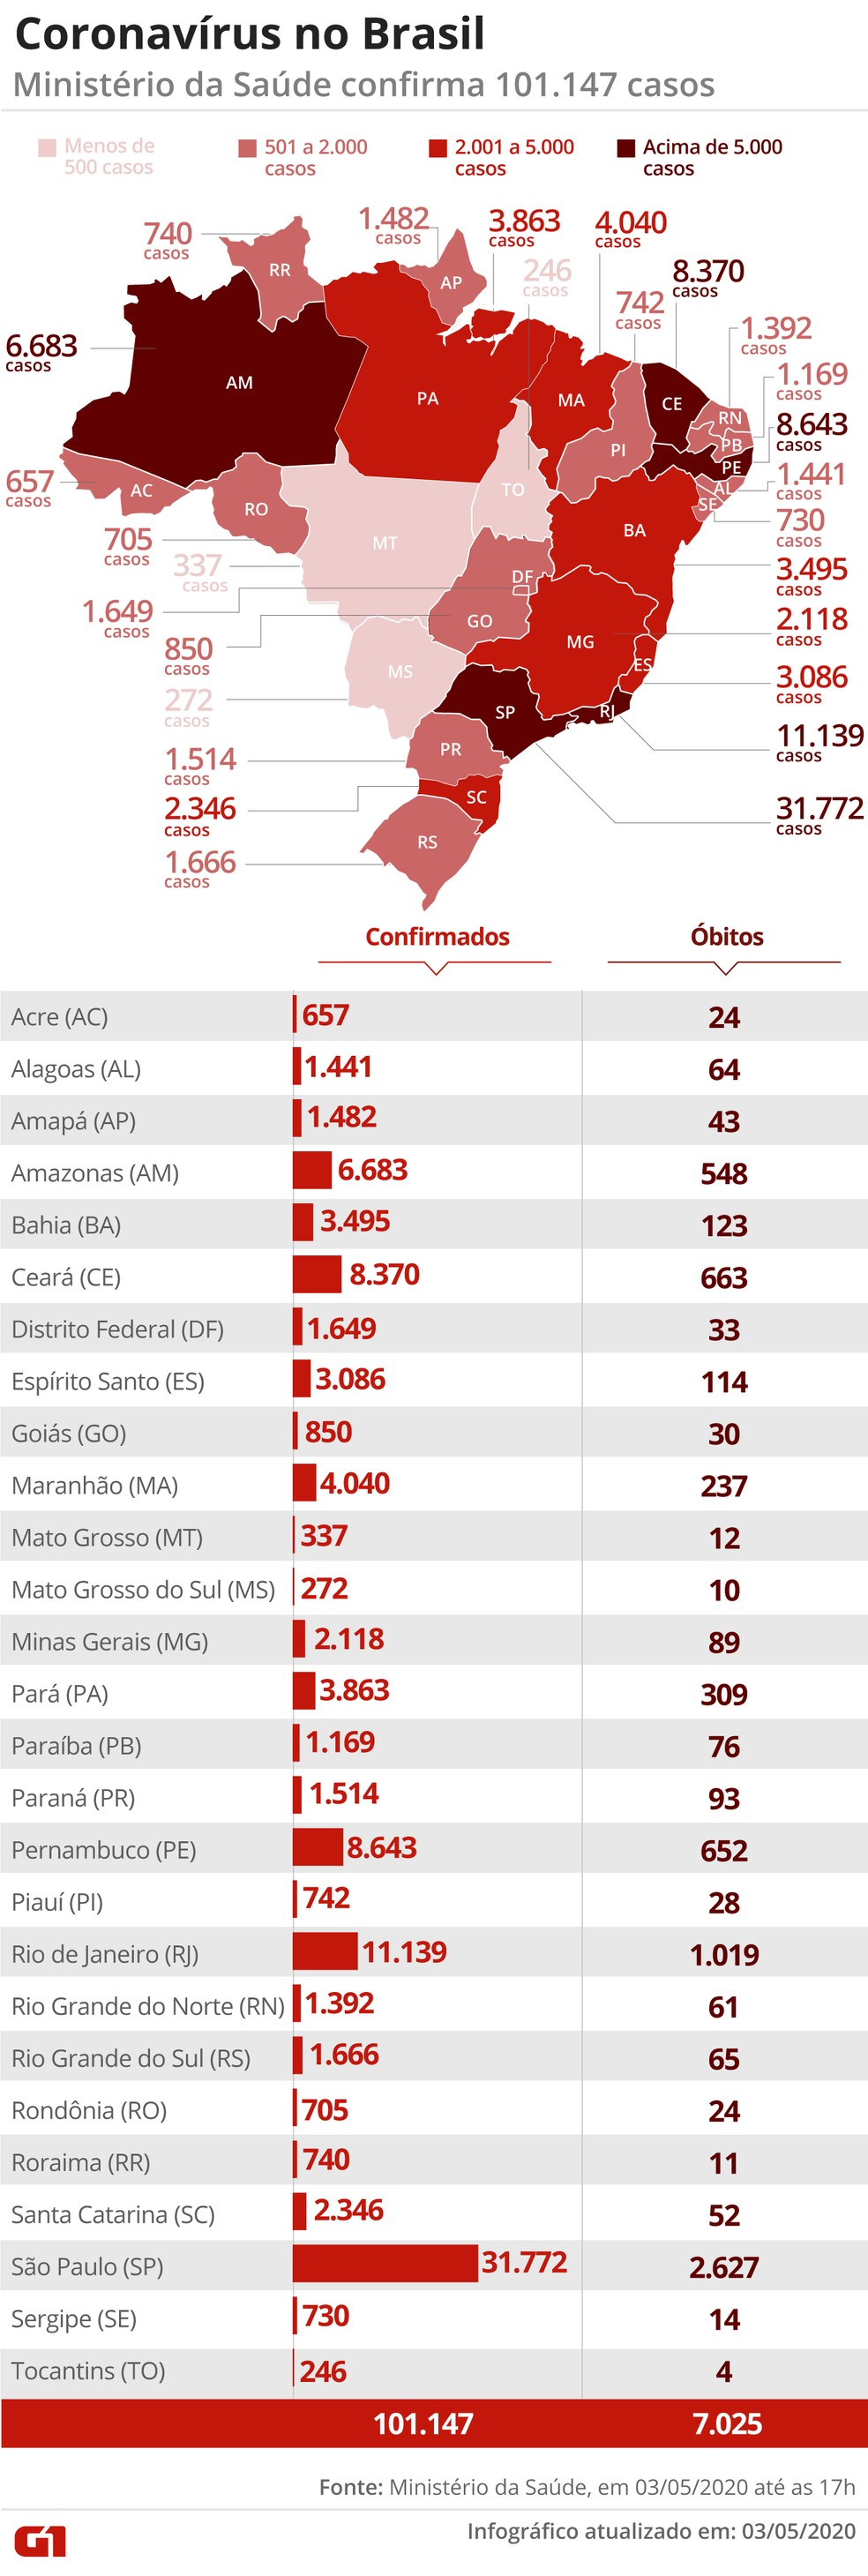 Brasil Tem 7 025 Mortes E 101 147 Casos Confirmados Por